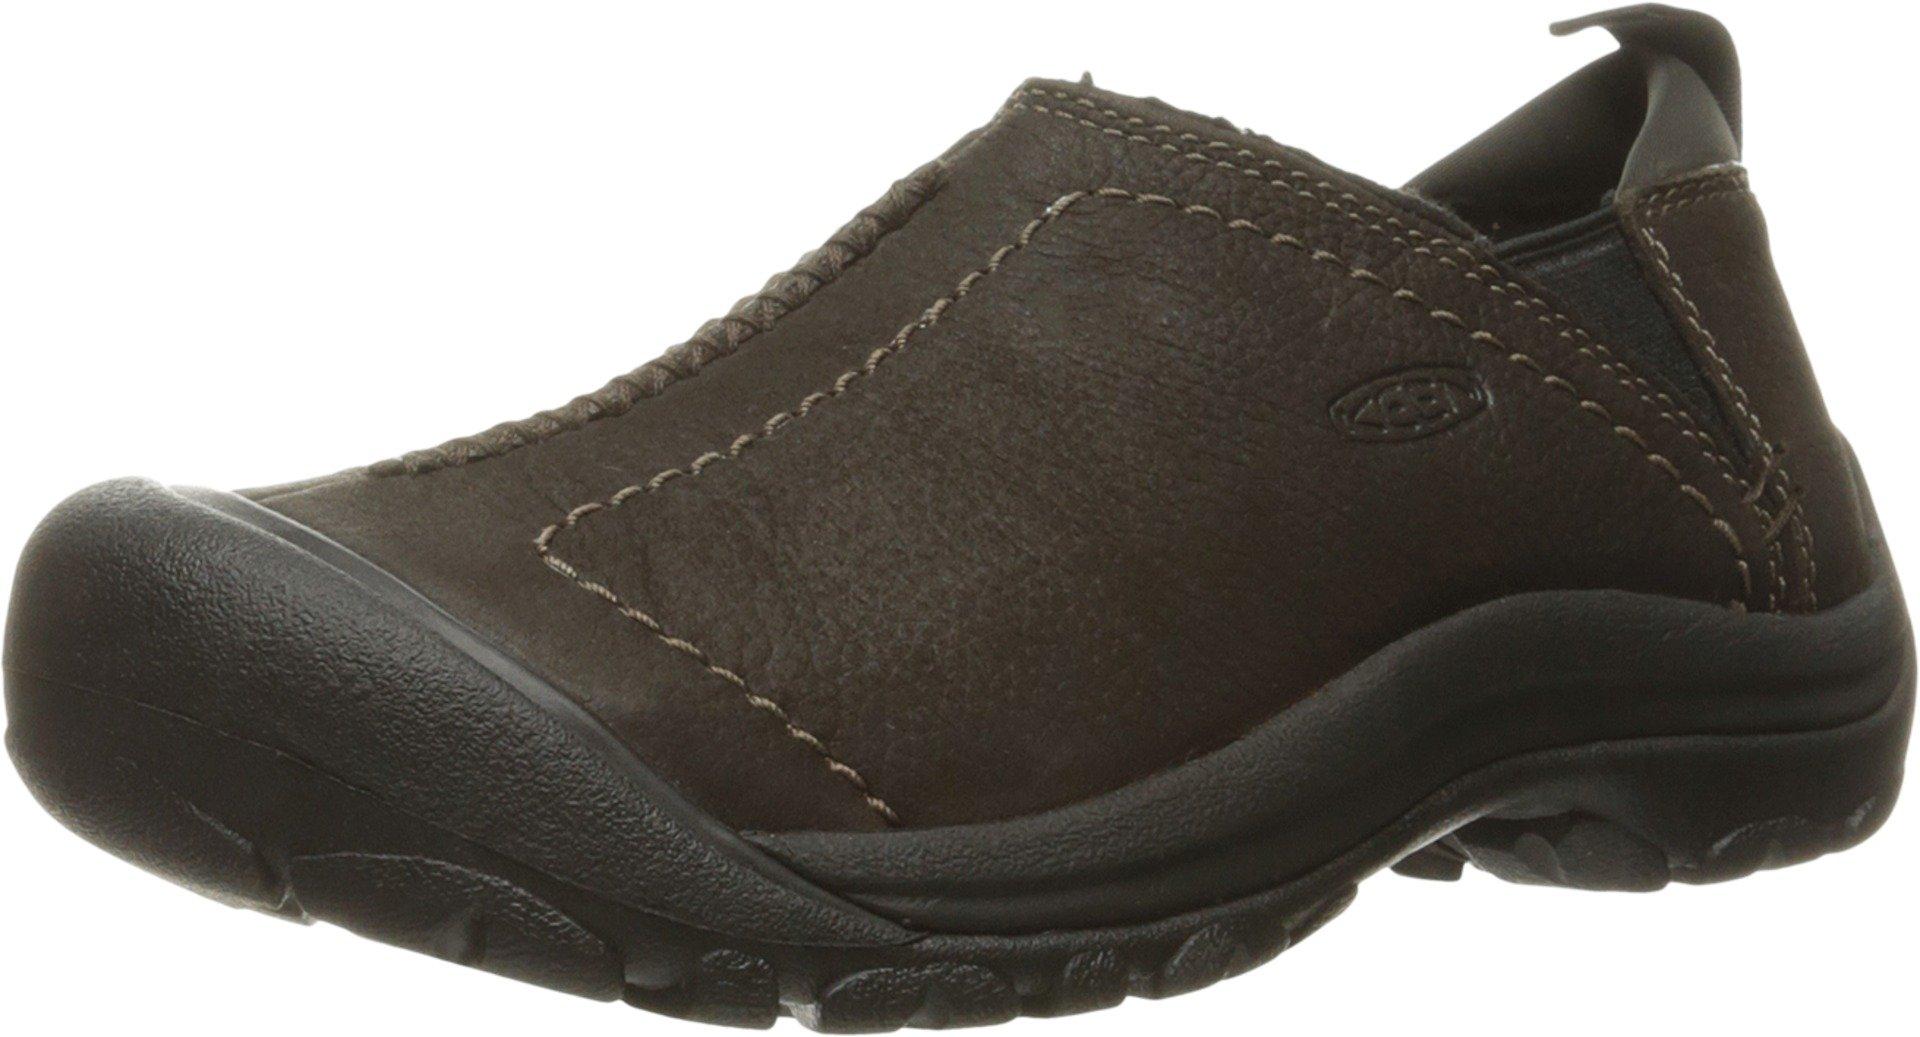 KEEN Women's Kaci Winter Waterproof Shoe, Peat, 7 M US